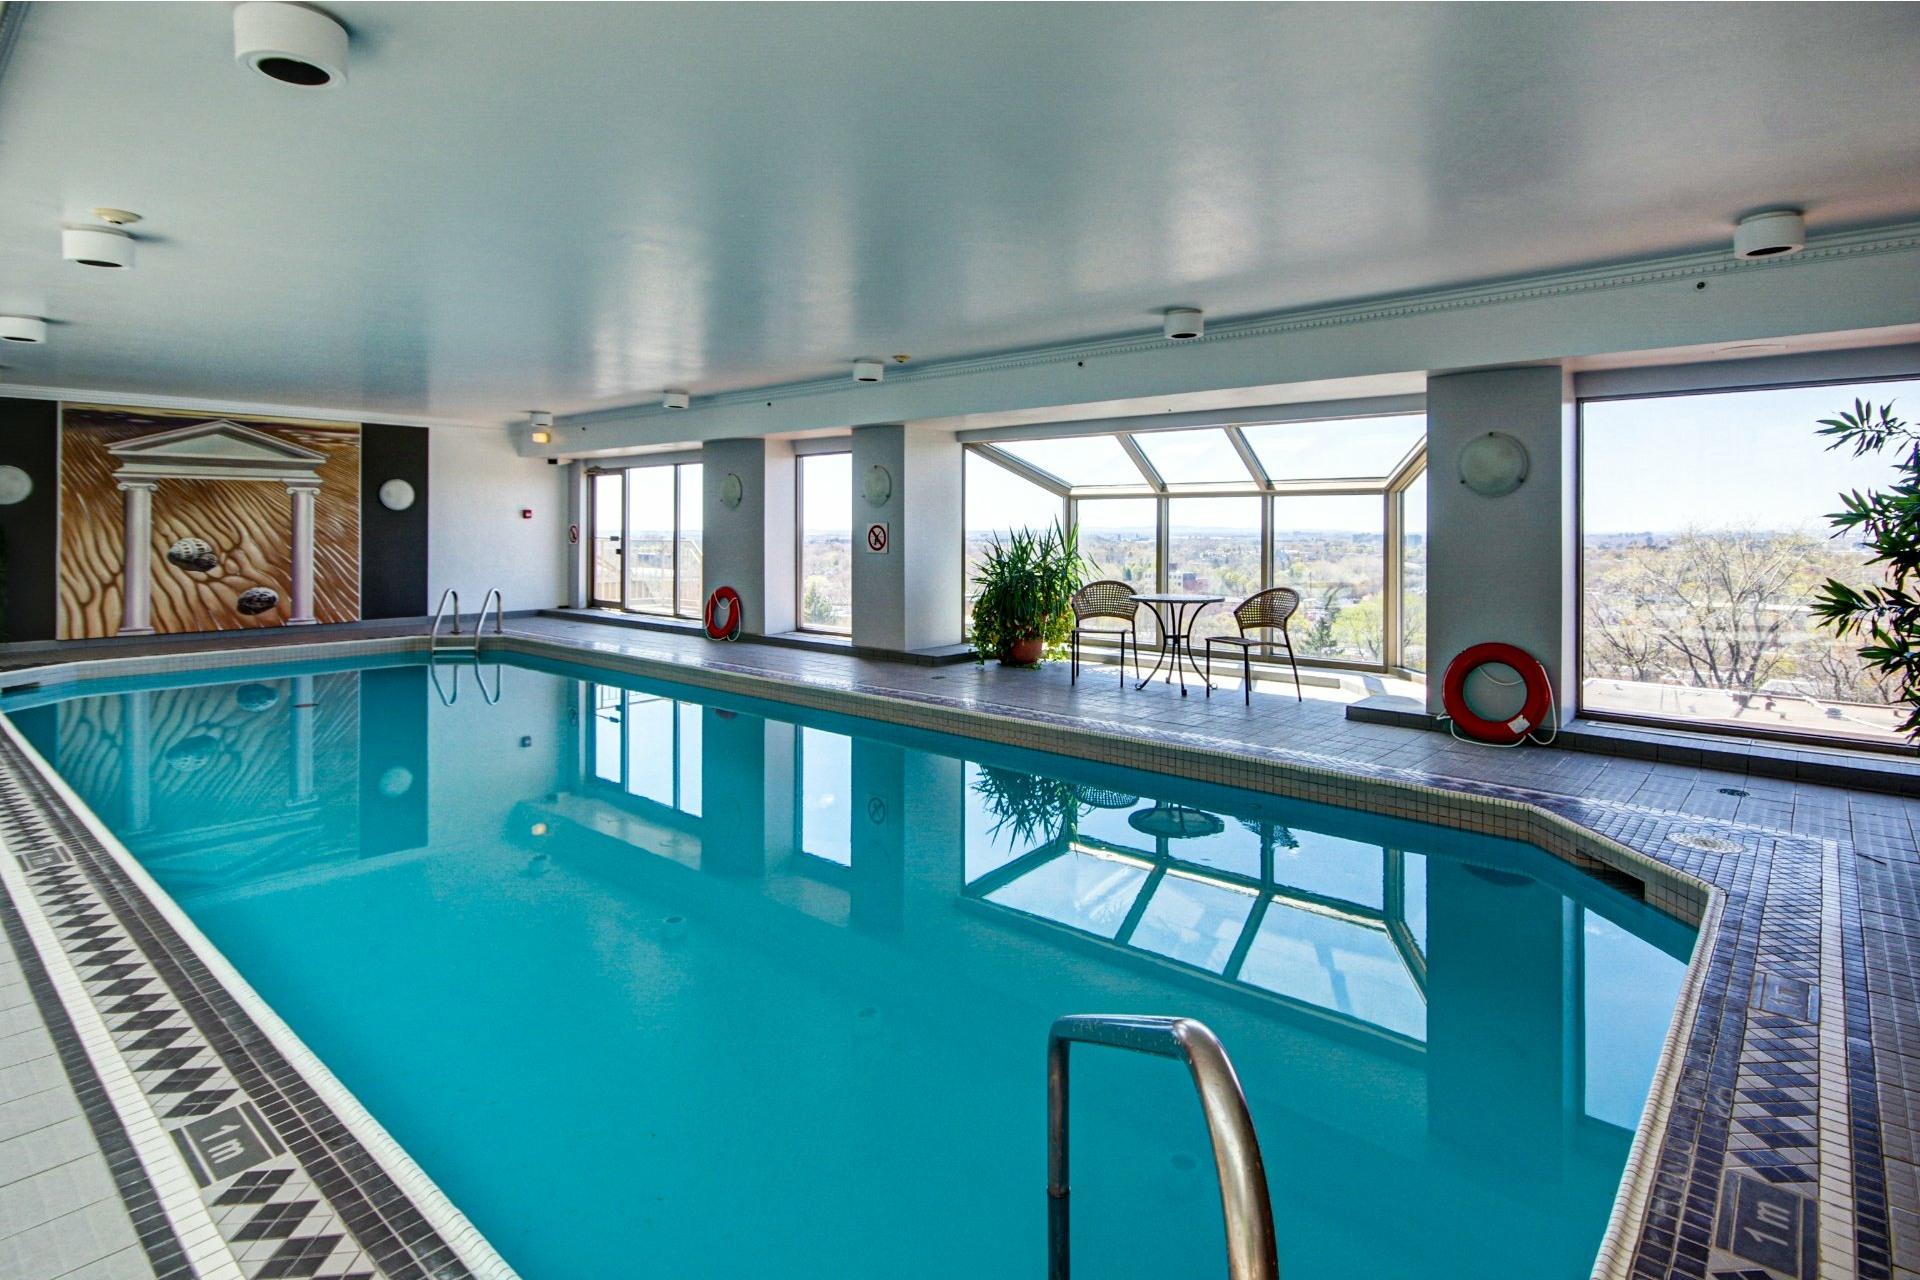 image 39 - Apartment For sale Côte-des-Neiges/Notre-Dame-de-Grâce Montréal  - 5 rooms